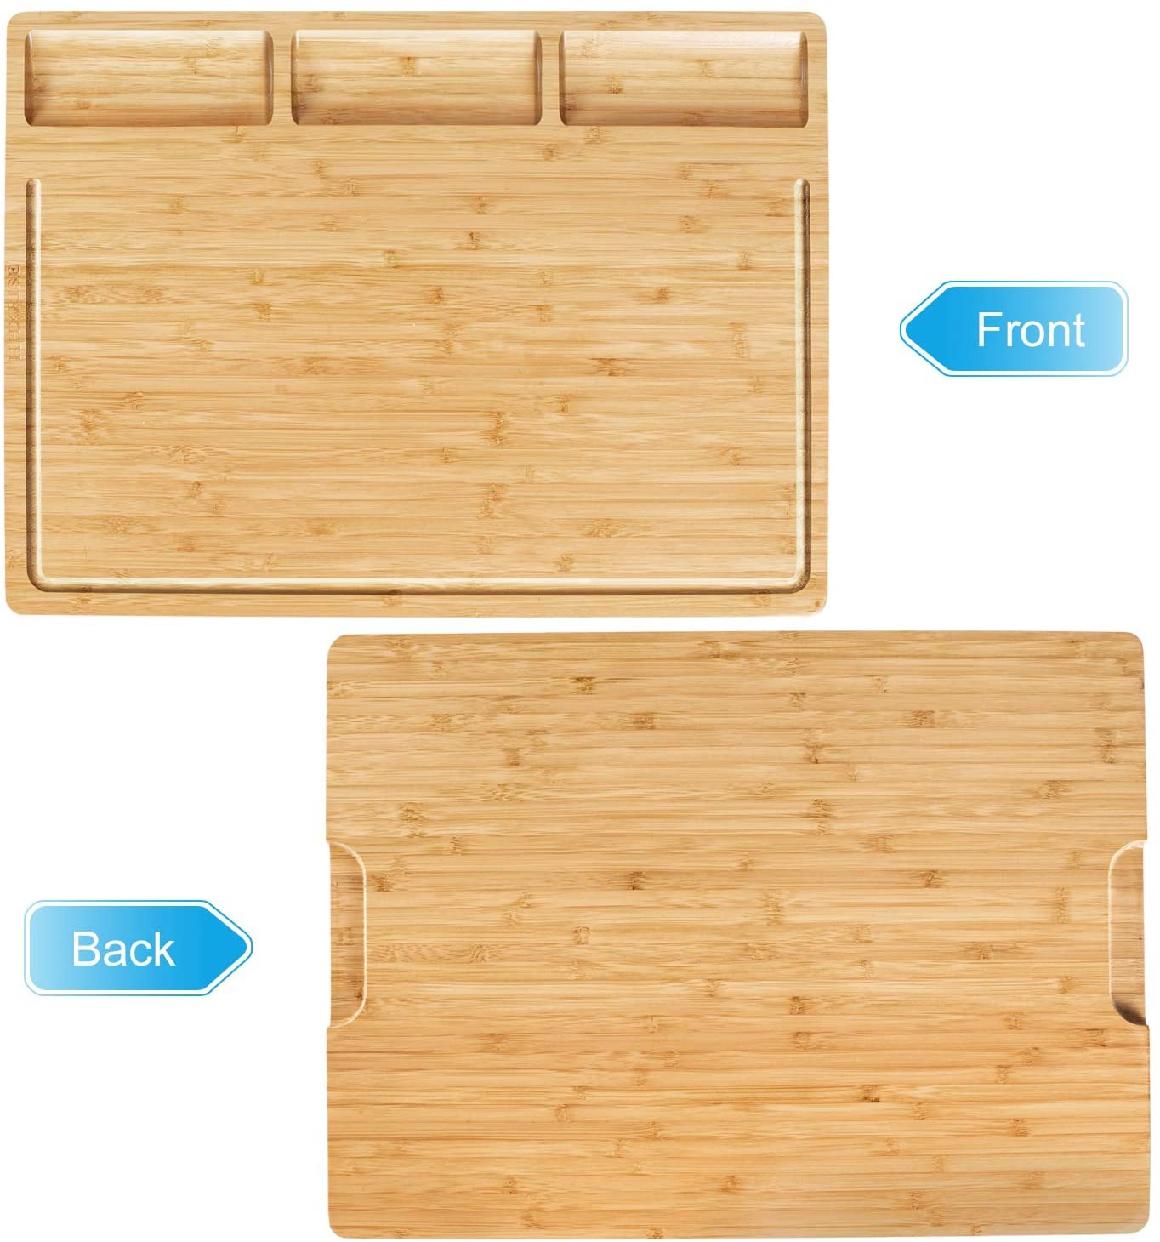 HHXRISE(エイチエイチエックすライズ) 大きいまな板 竹製 トレイ付き L ナチュラルの商品画像3